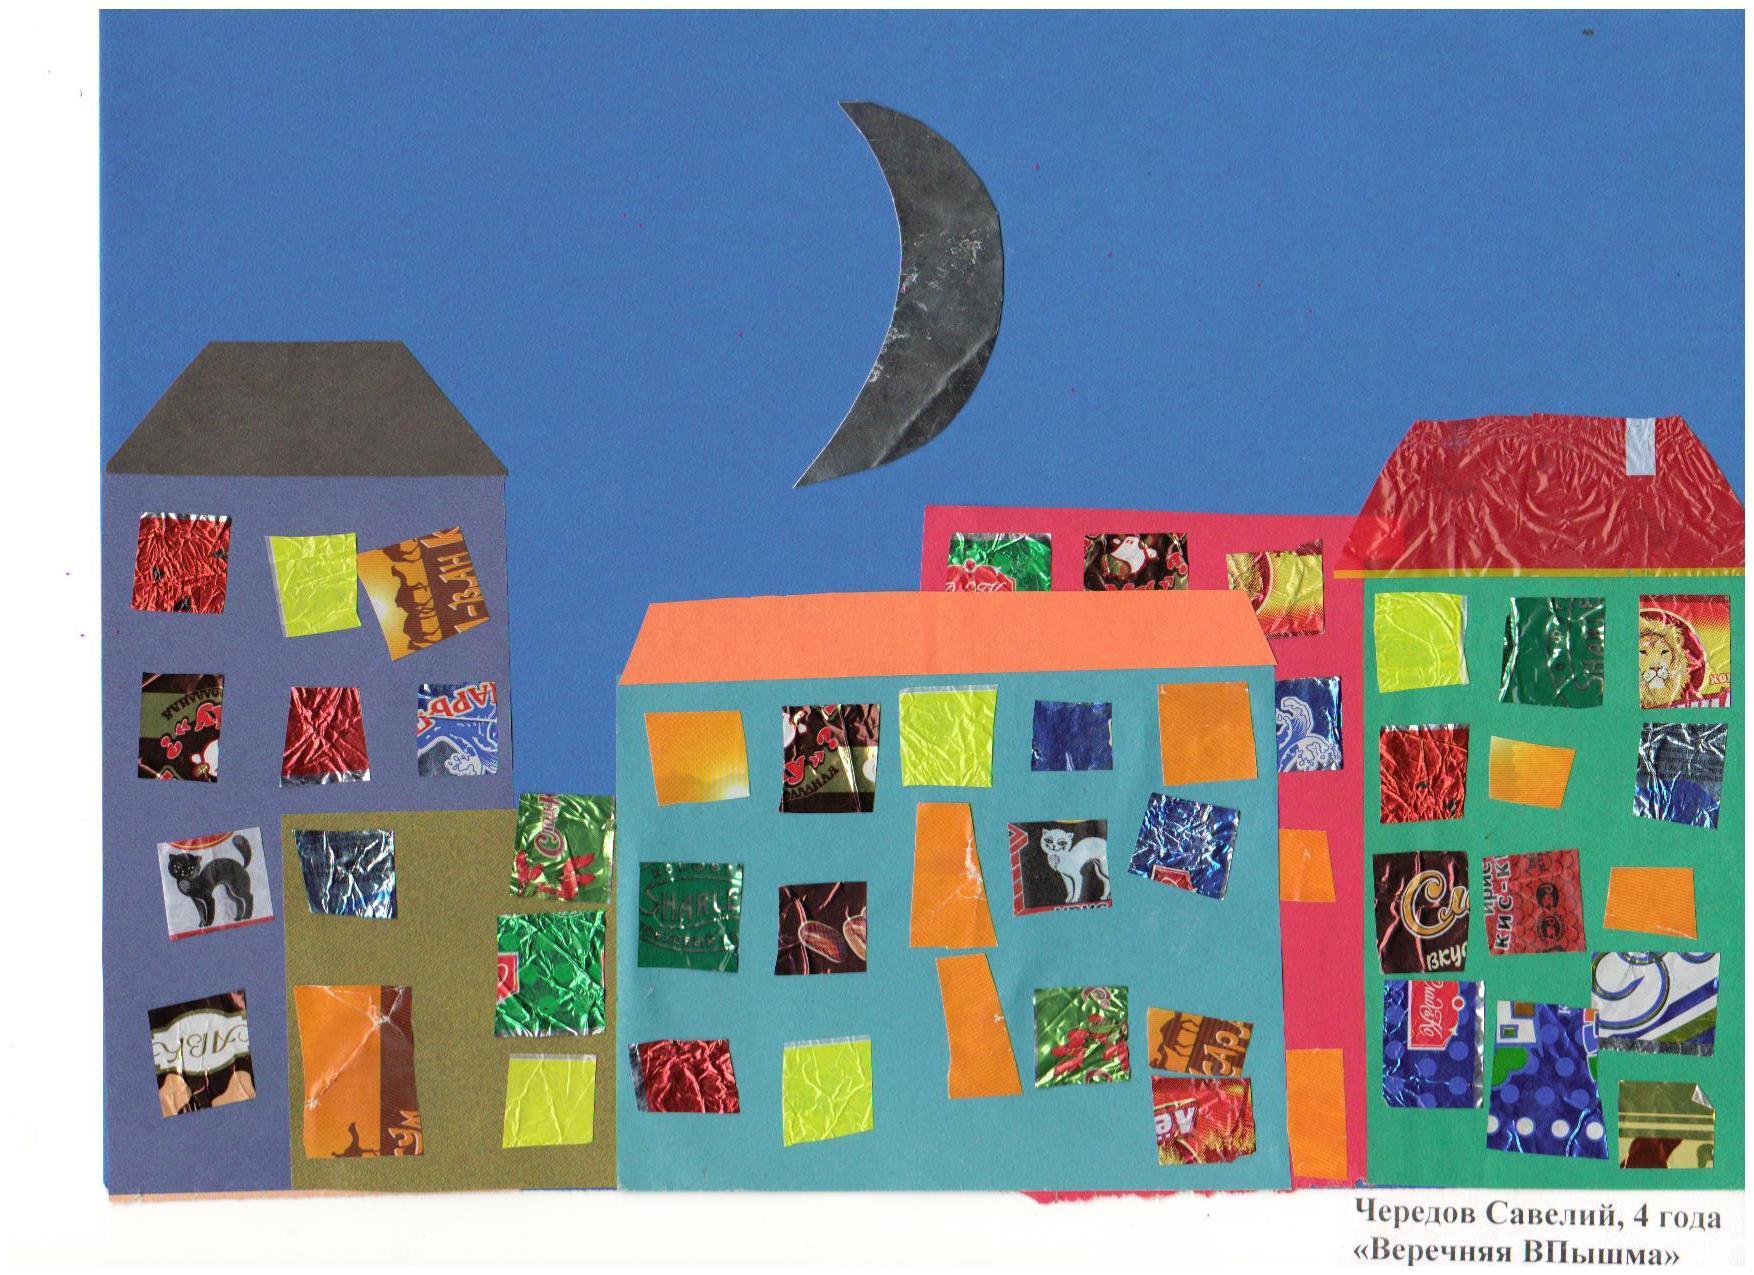 Чередов Савелий 2 МЕСТО в конкурсе рисунков ко Дню города 2015 среди участников в возрасте от 2 до 5